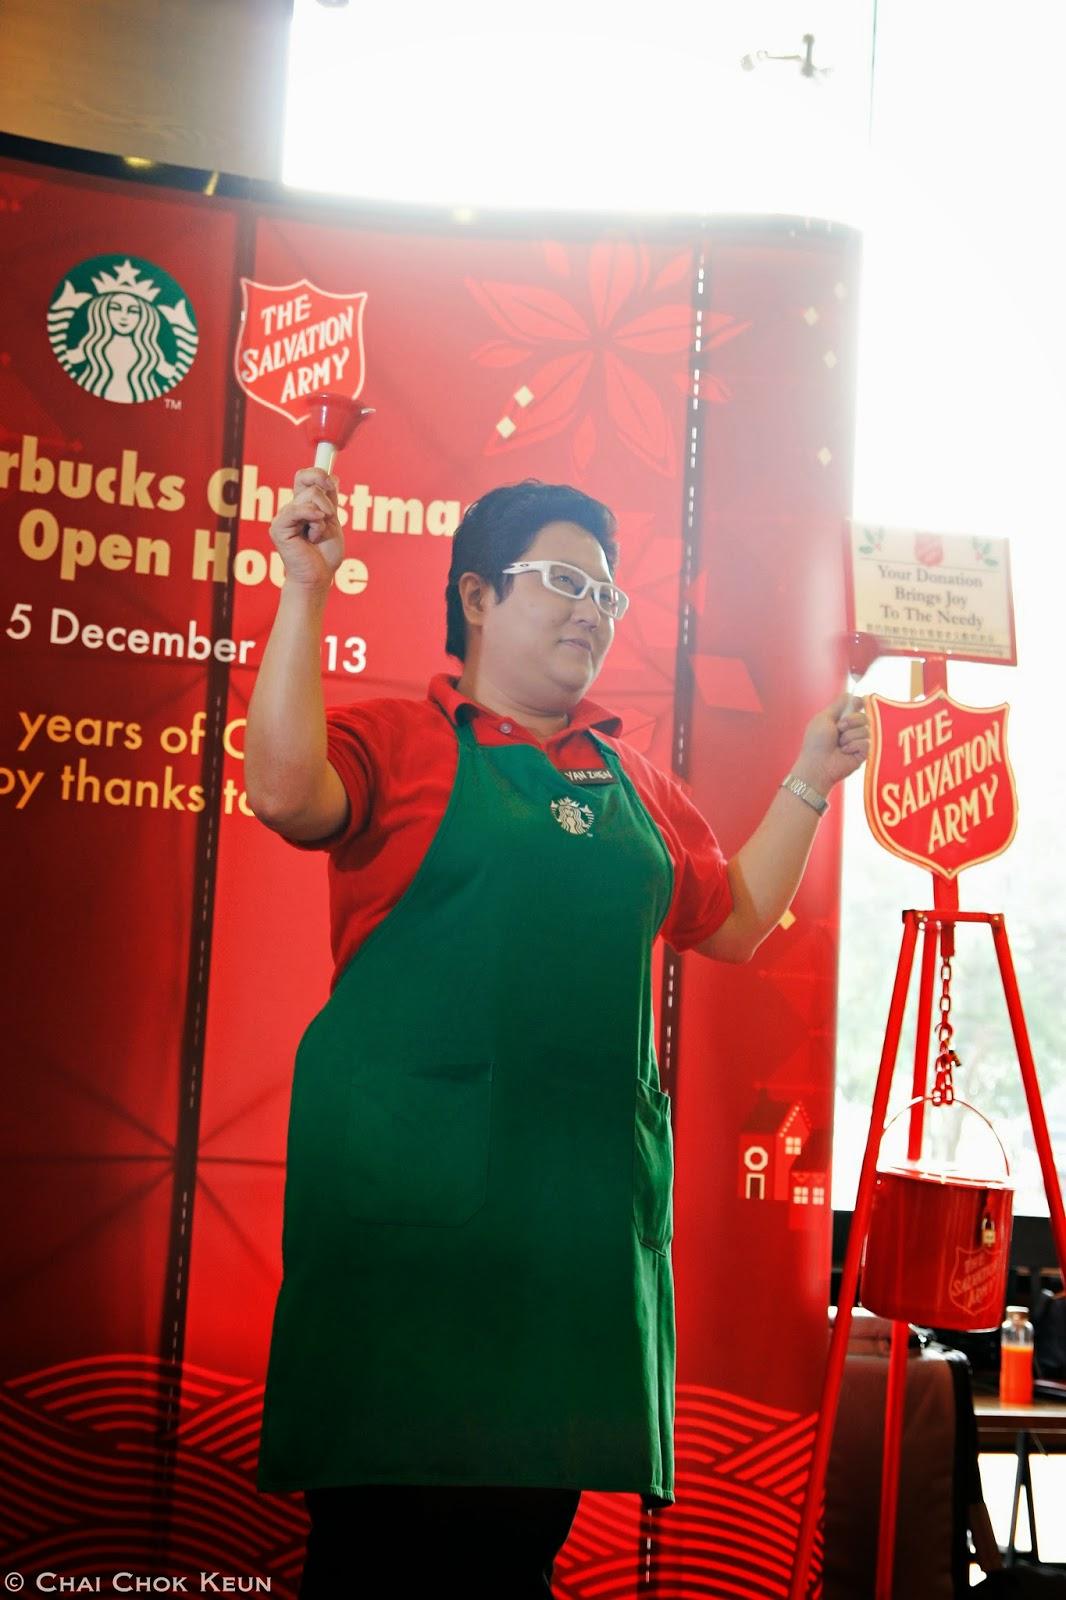 goh yan zhen store manager of starbucks plaza singapura ringing the bell to